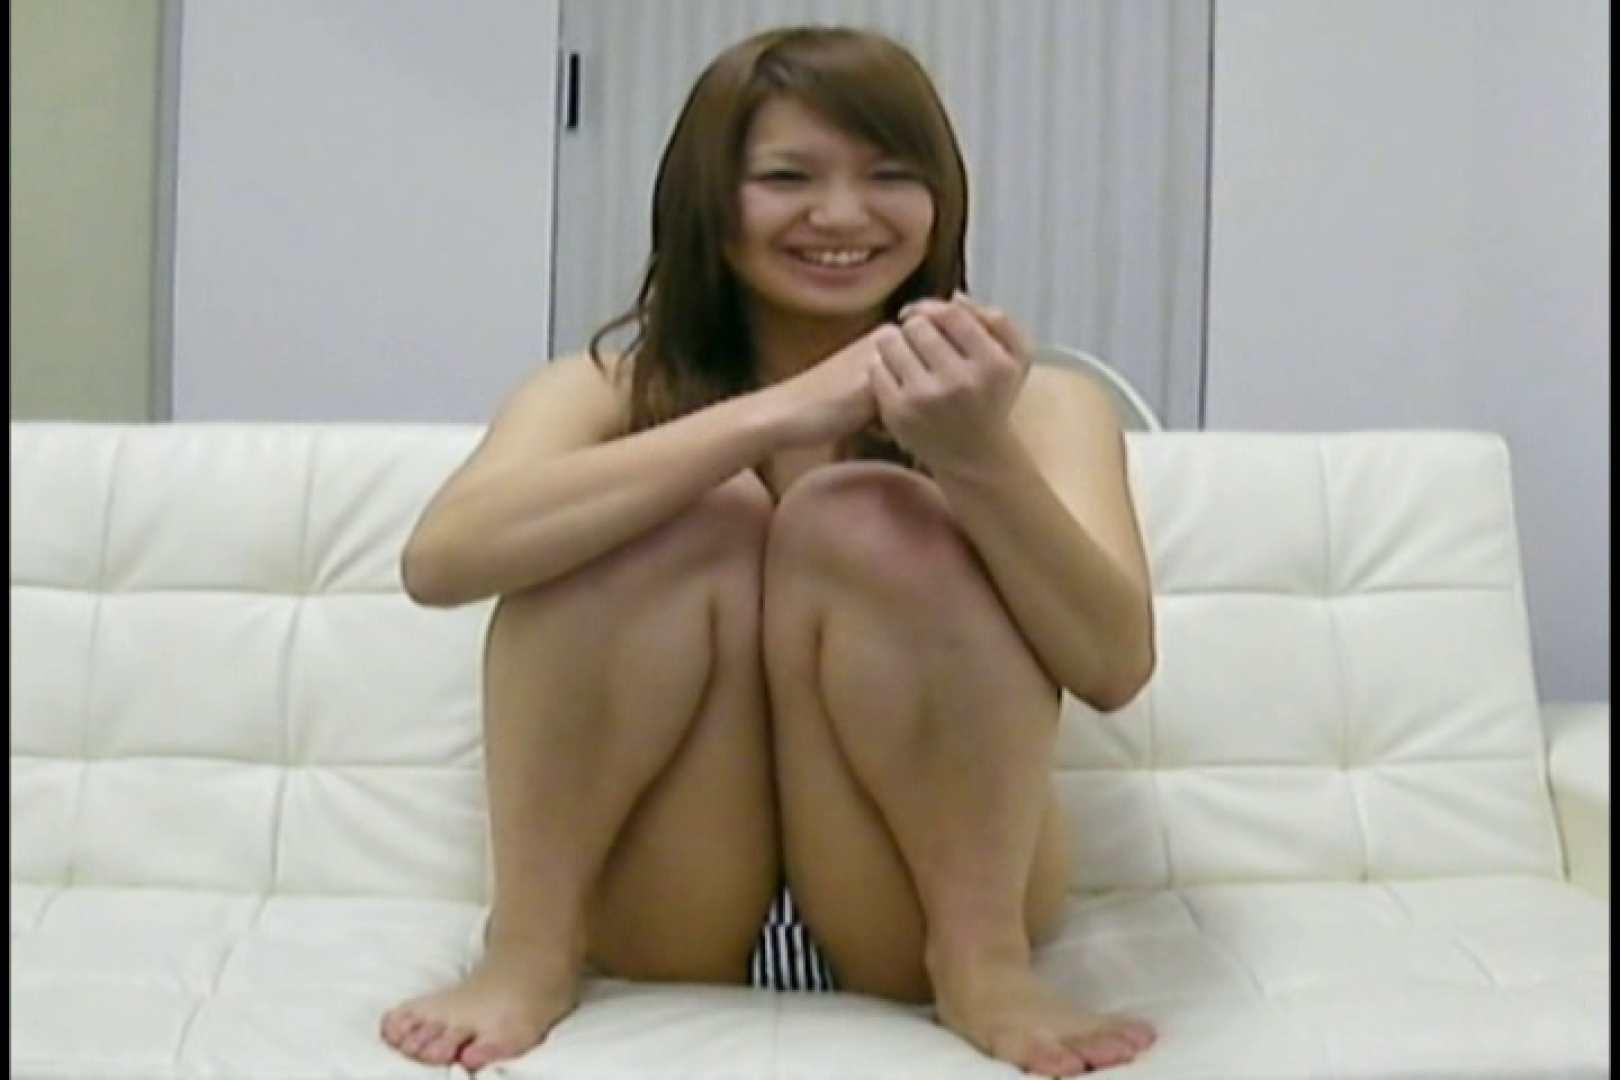 素人撮影 下着だけの撮影のはずが・・・ ゆな20歳 お姉さんのエッチ  99pic 54